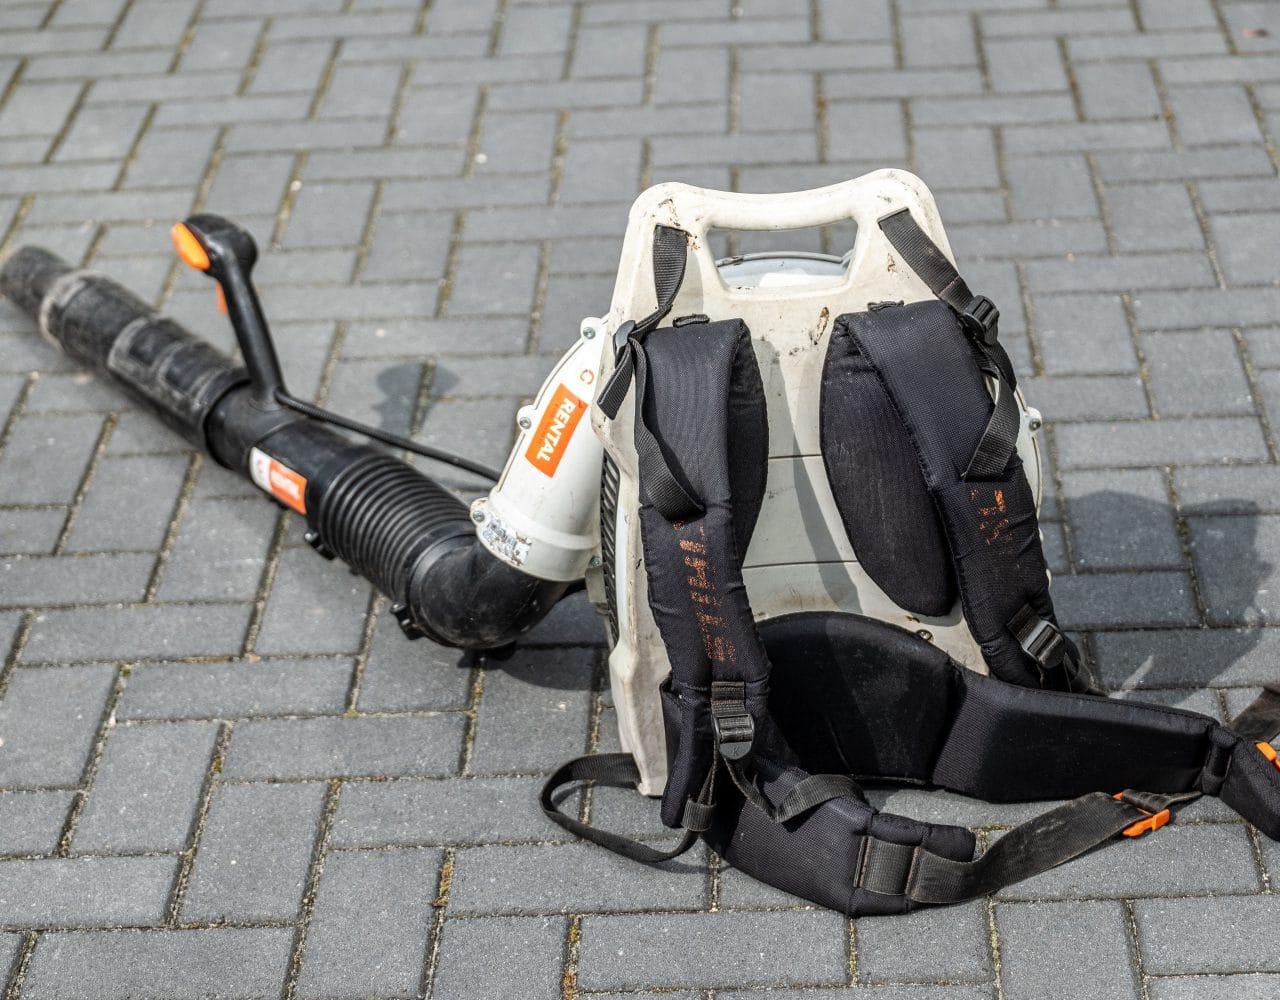 De ruggendrager van de motorbladblazer